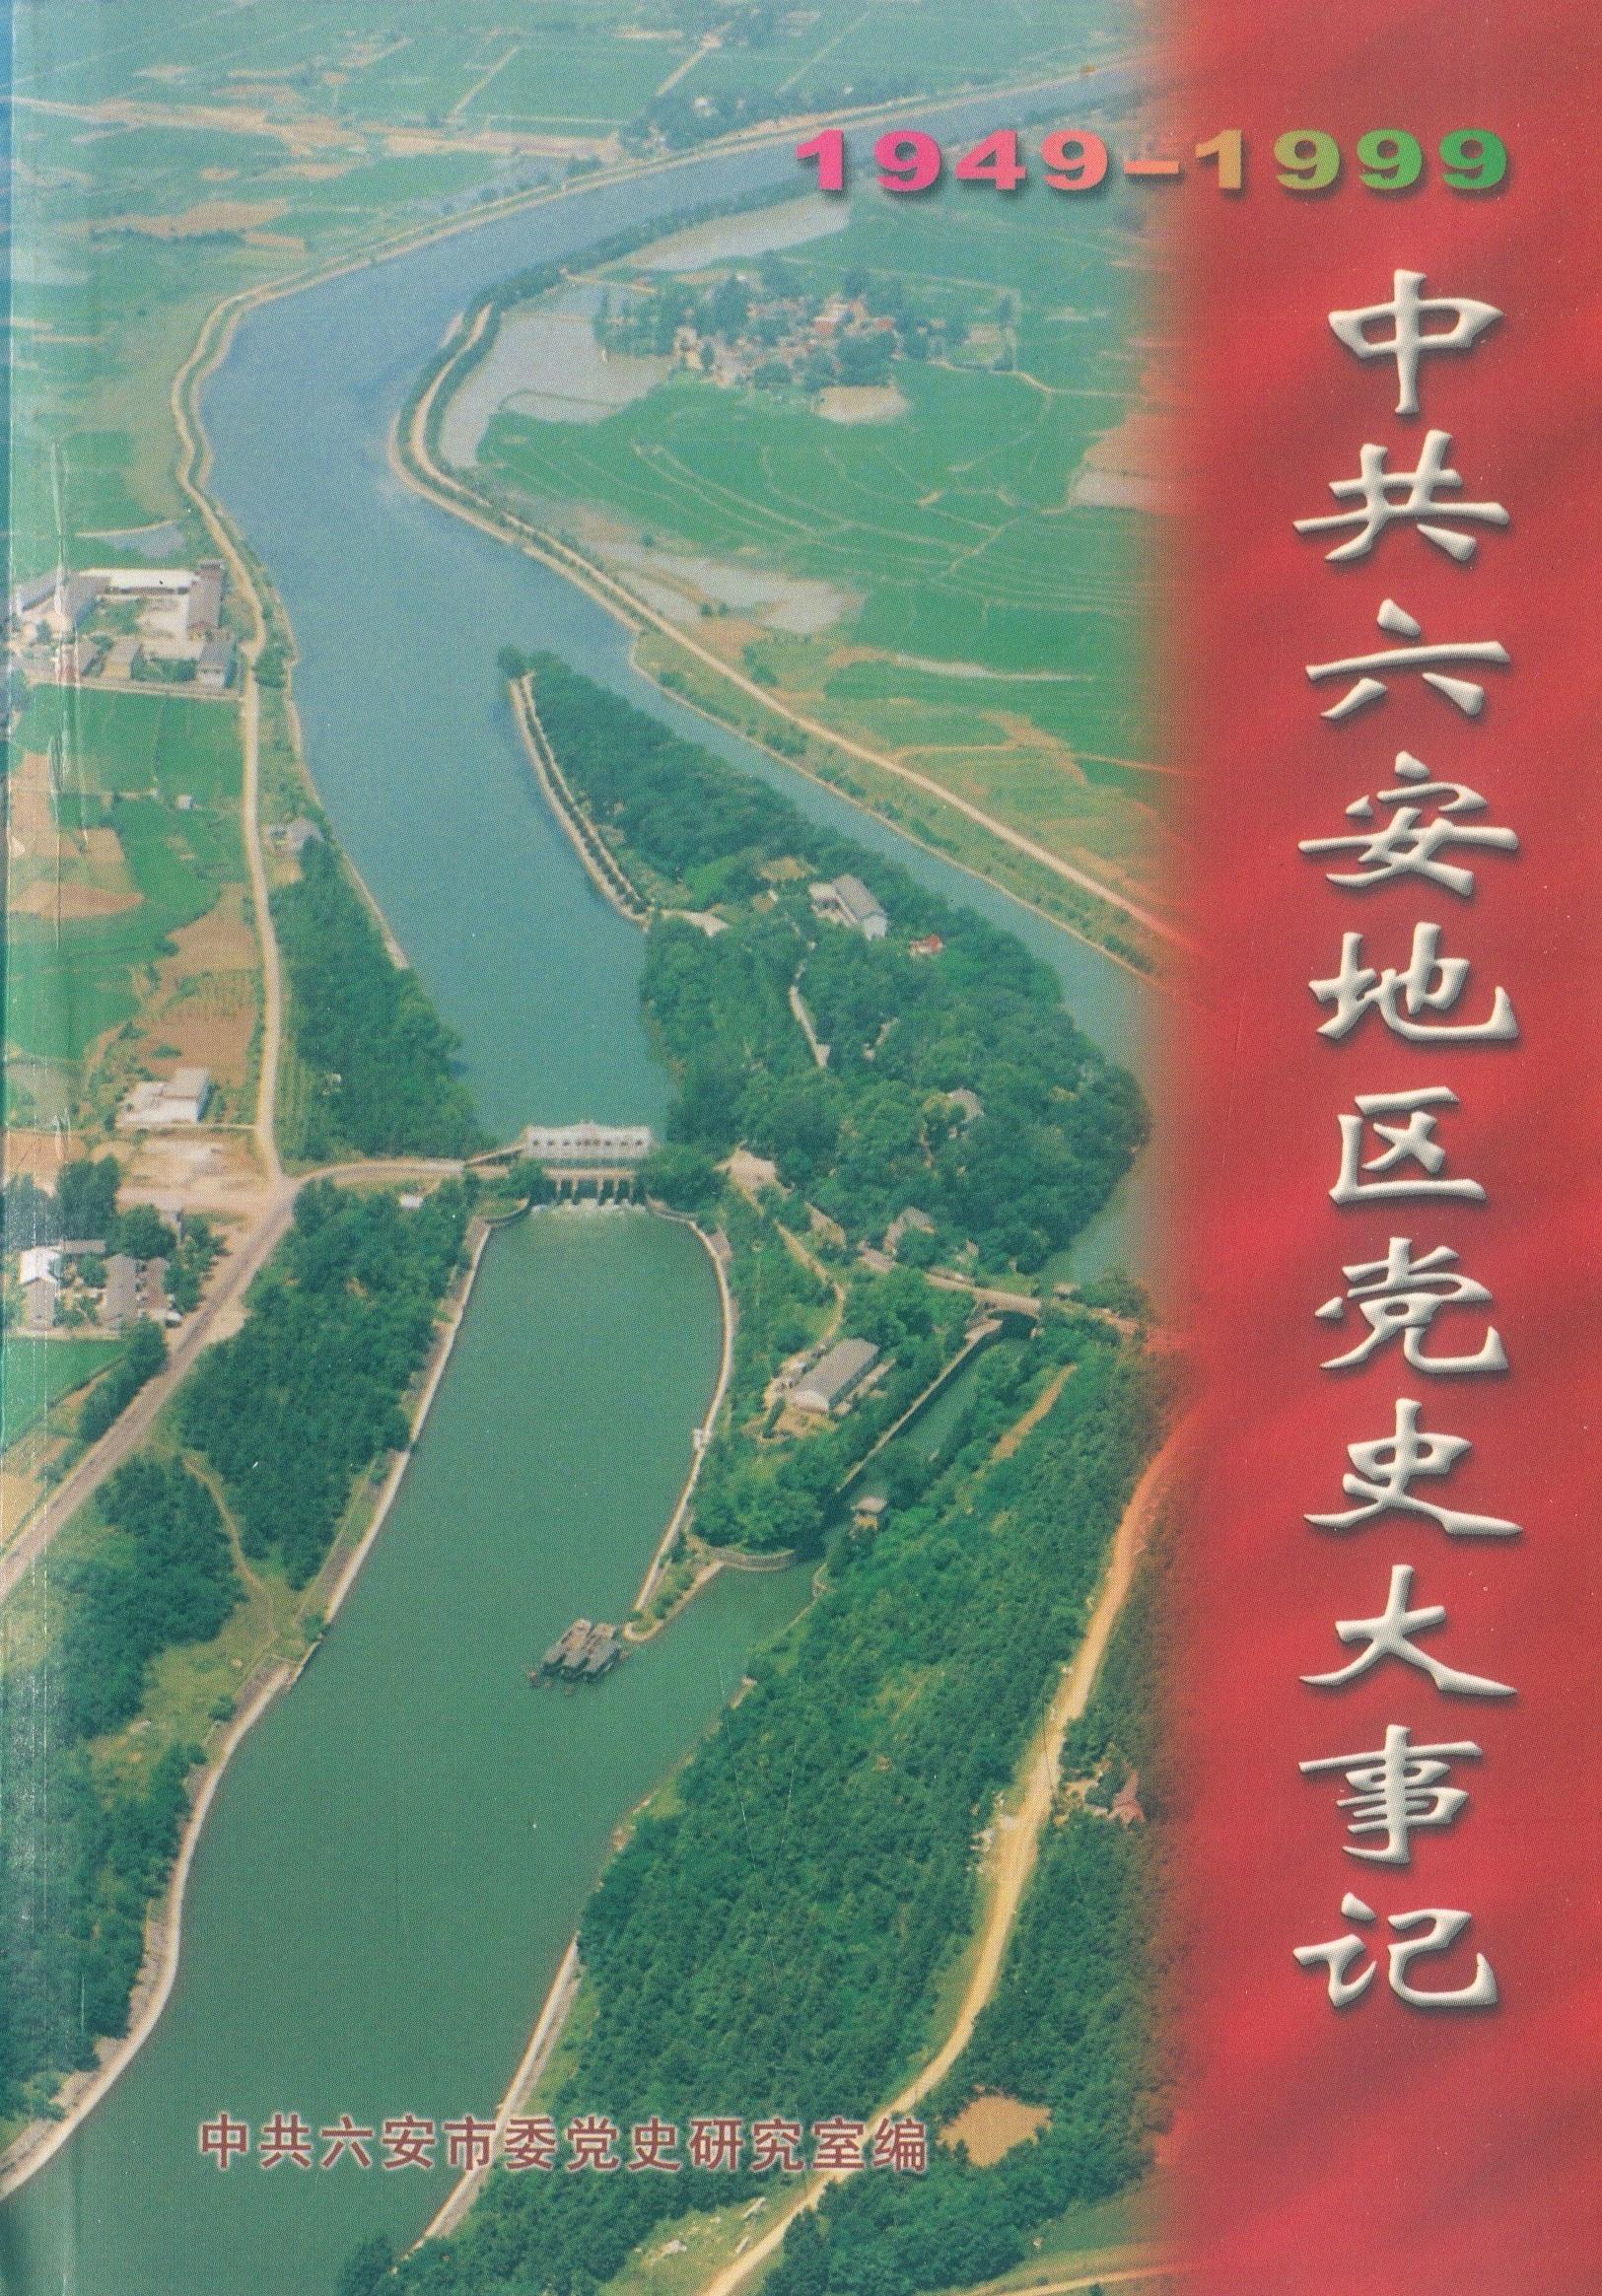 中共六安地区党史大事记 (1949-1999...